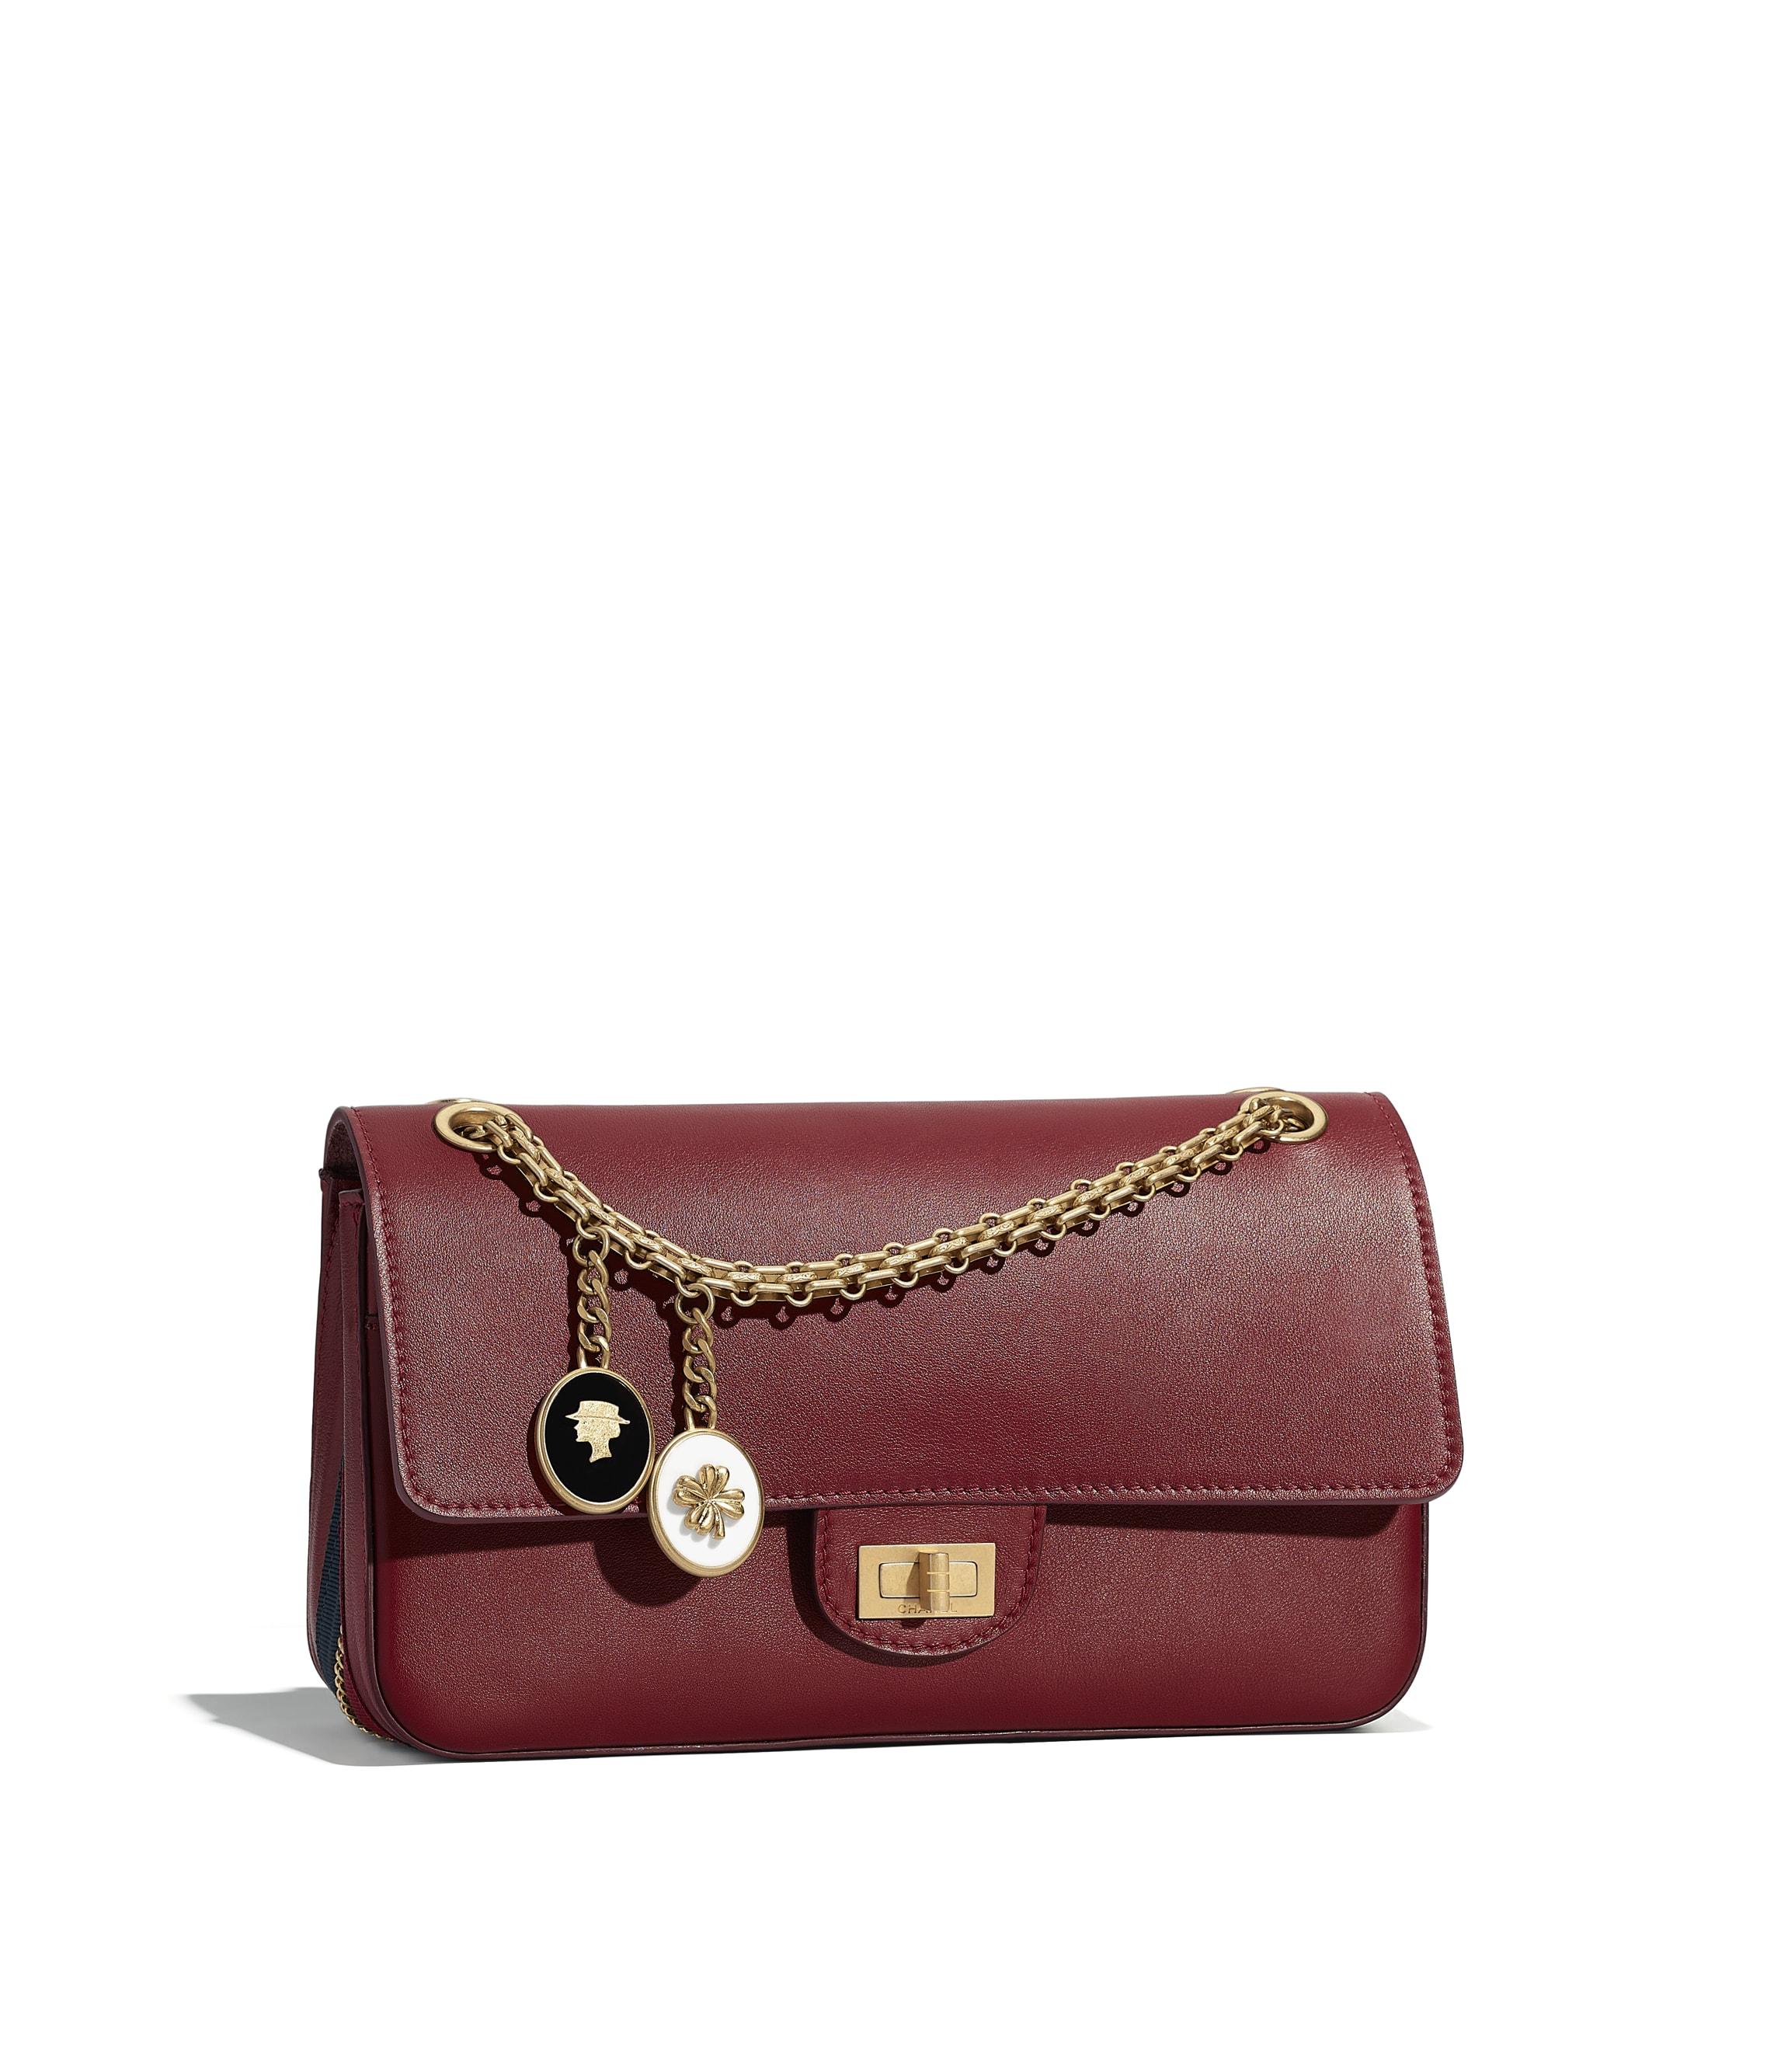 2 55 Handbag